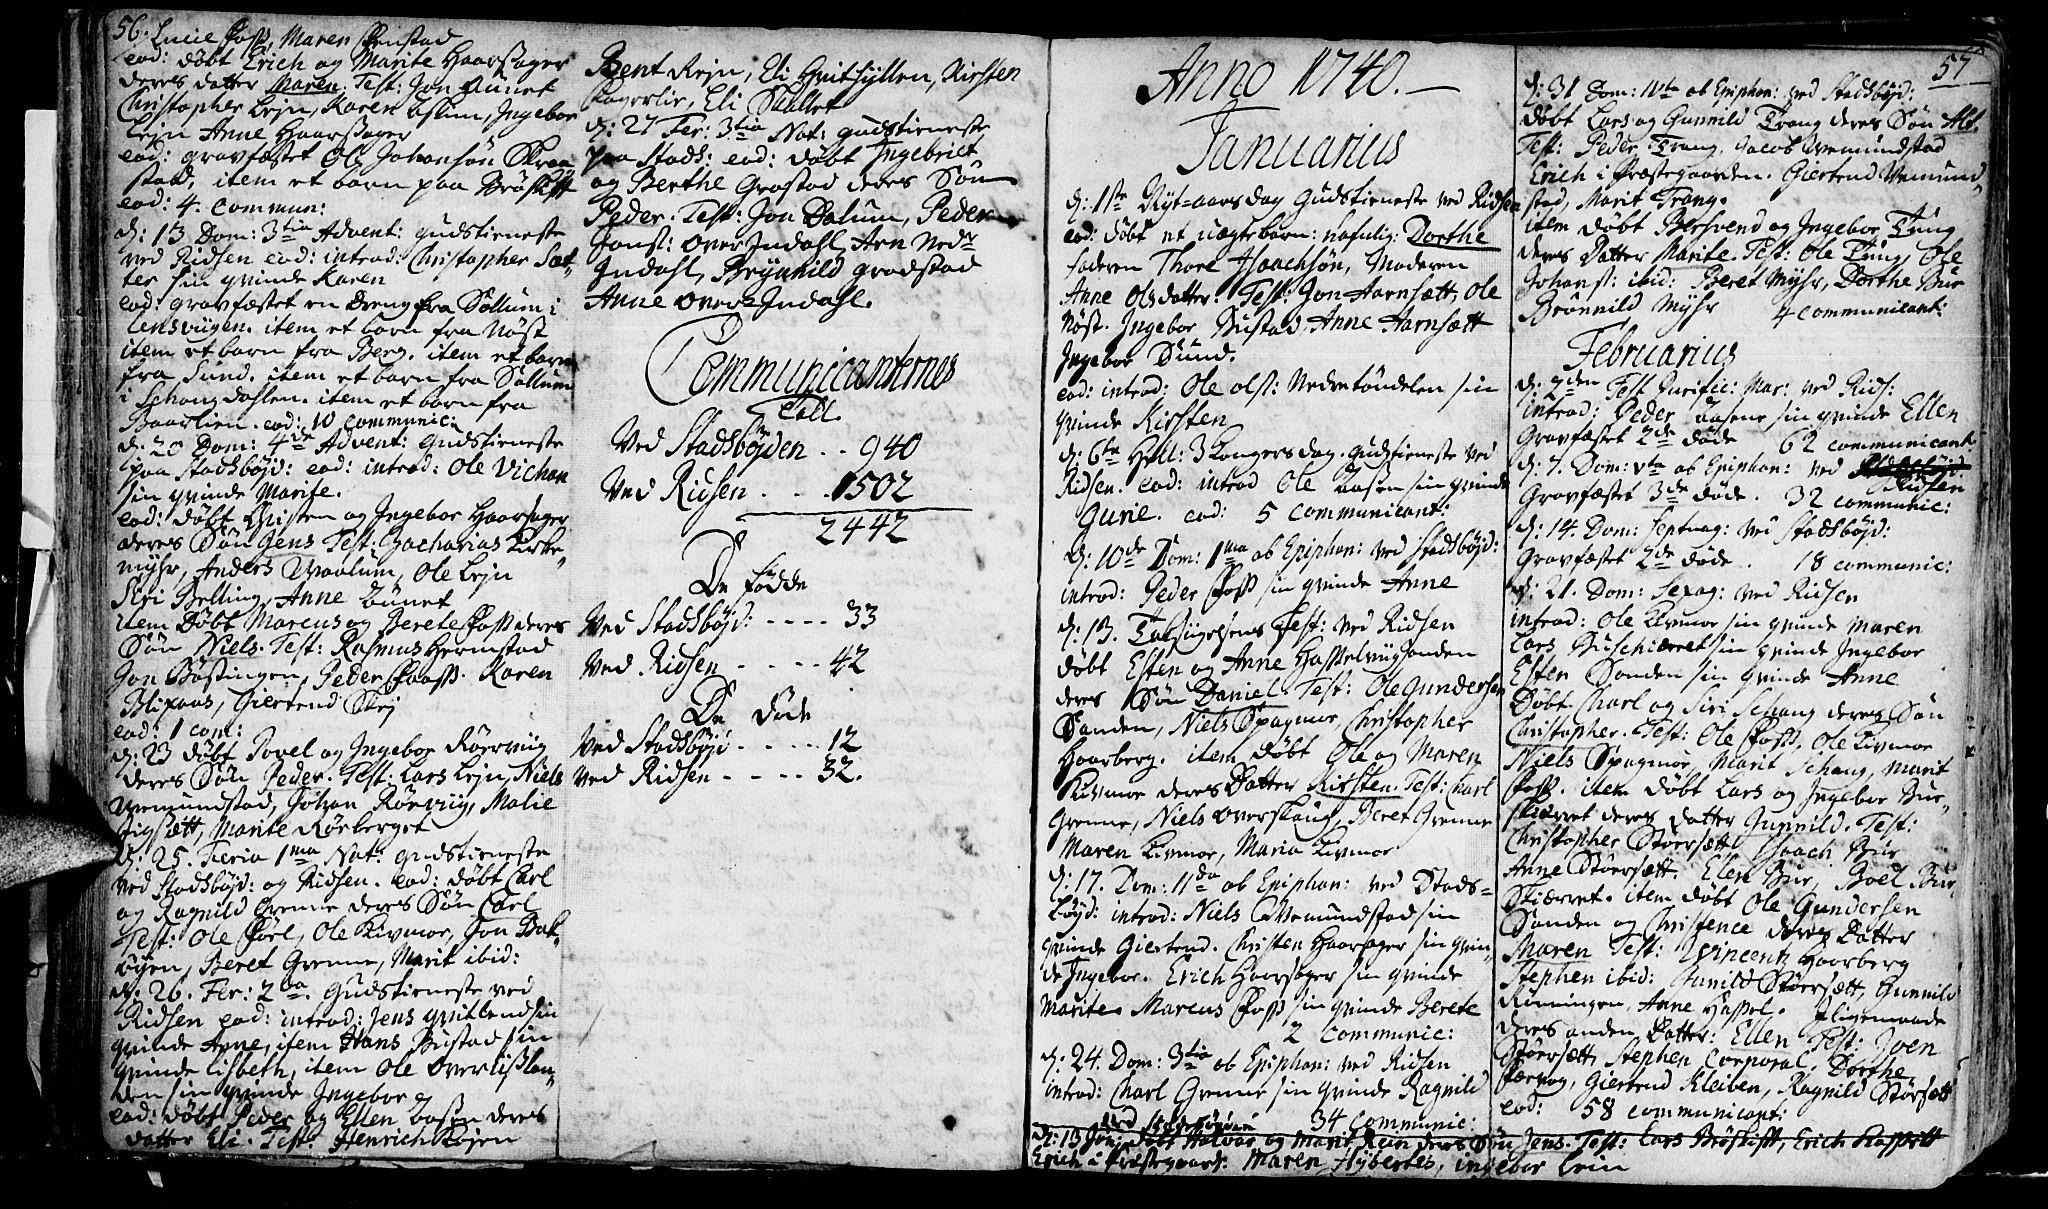 SAT, Ministerialprotokoller, klokkerbøker og fødselsregistre - Sør-Trøndelag, 646/L0604: Ministerialbok nr. 646A02, 1735-1750, s. 56-57